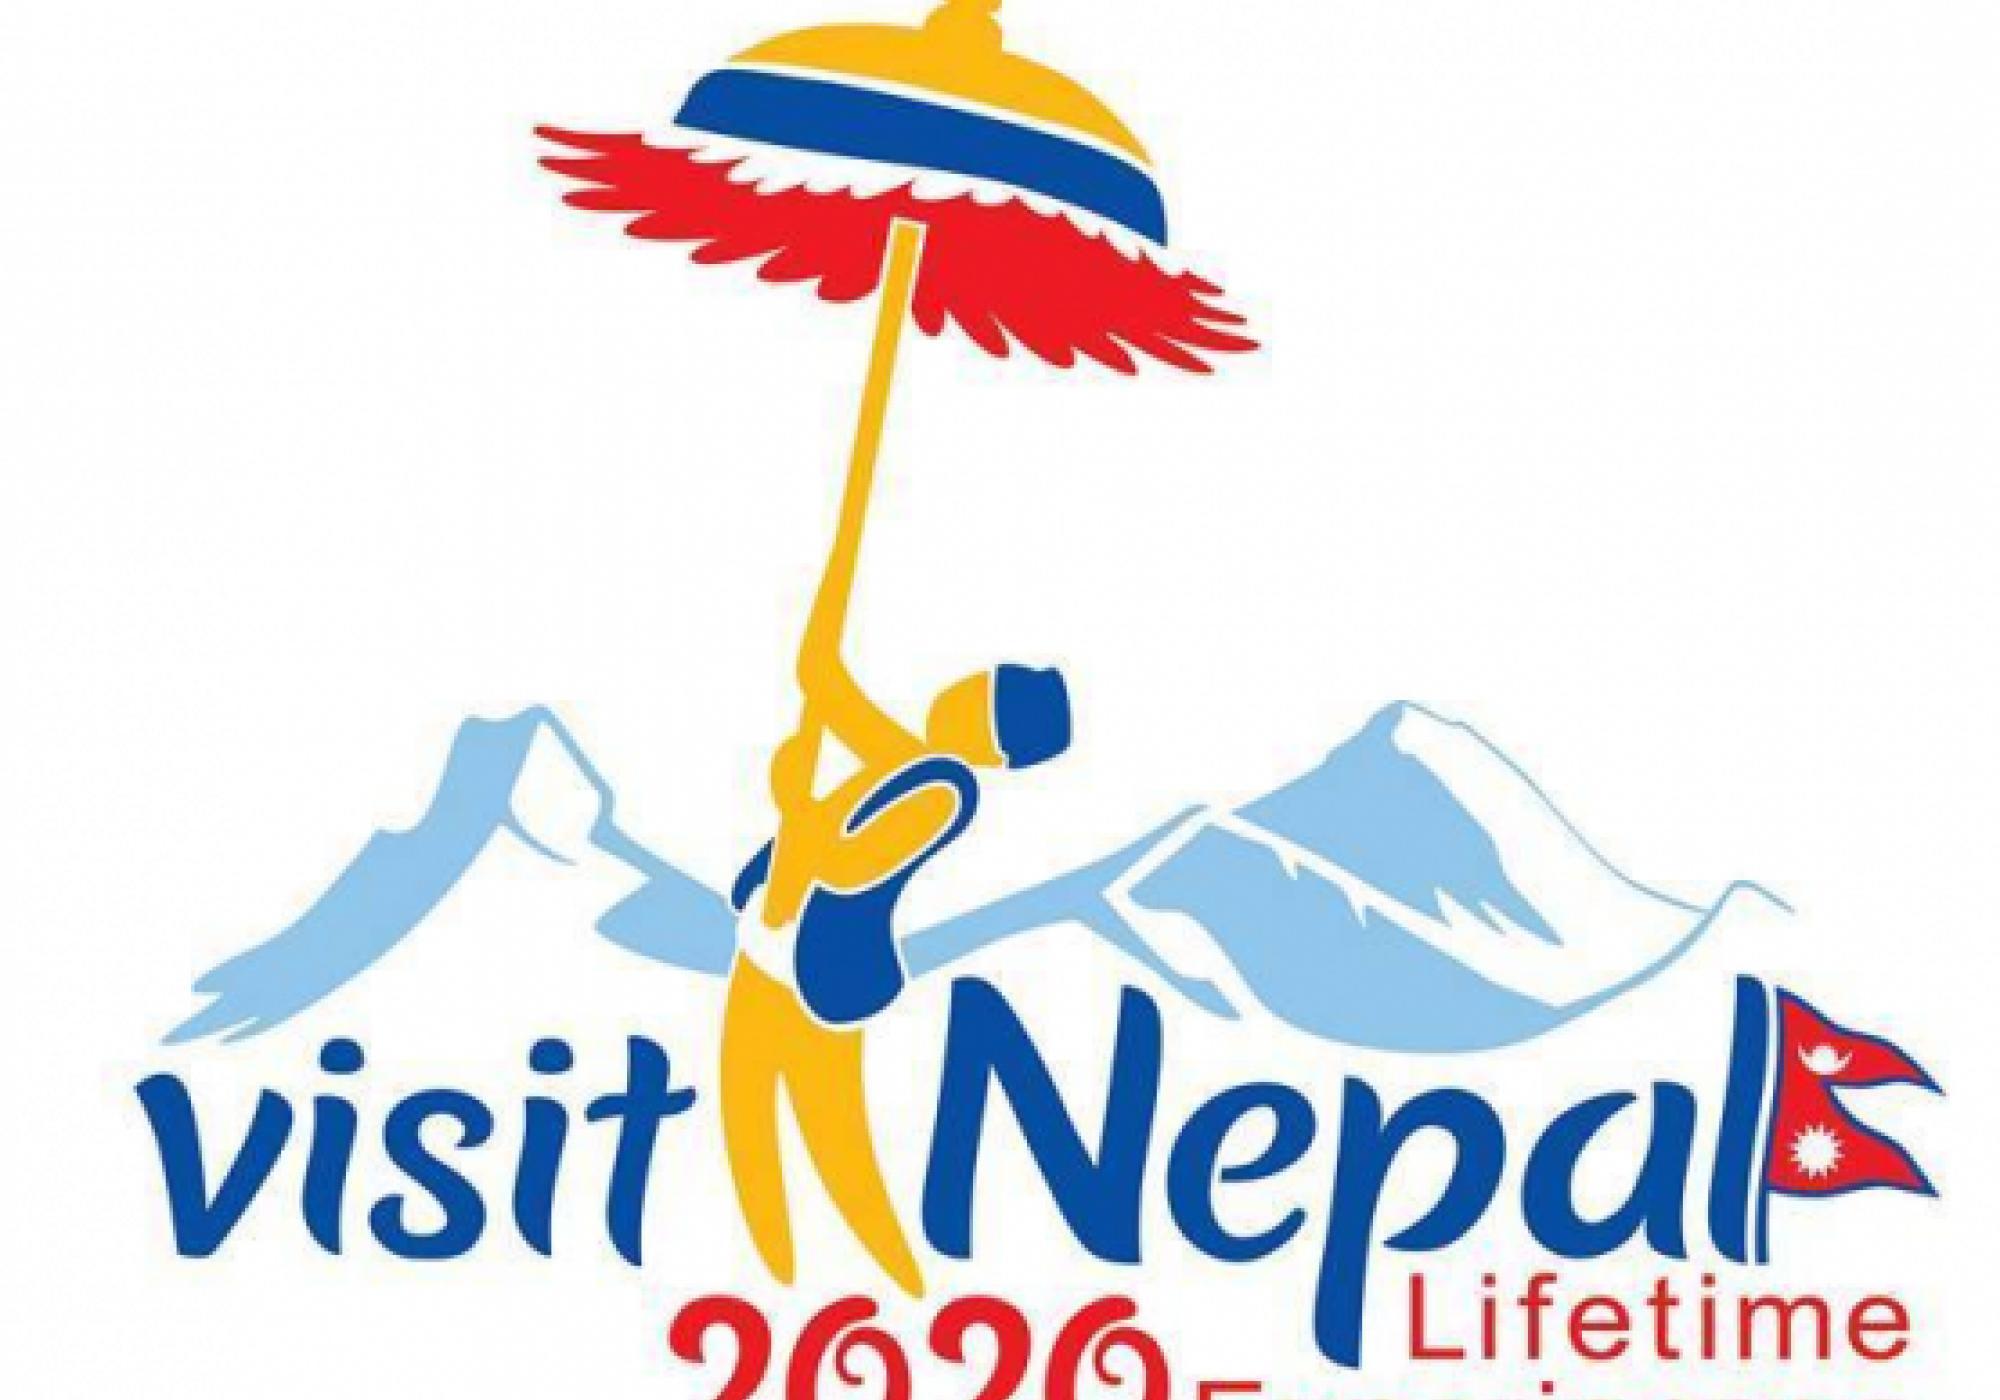 Regarding Visit Nepal 2020.